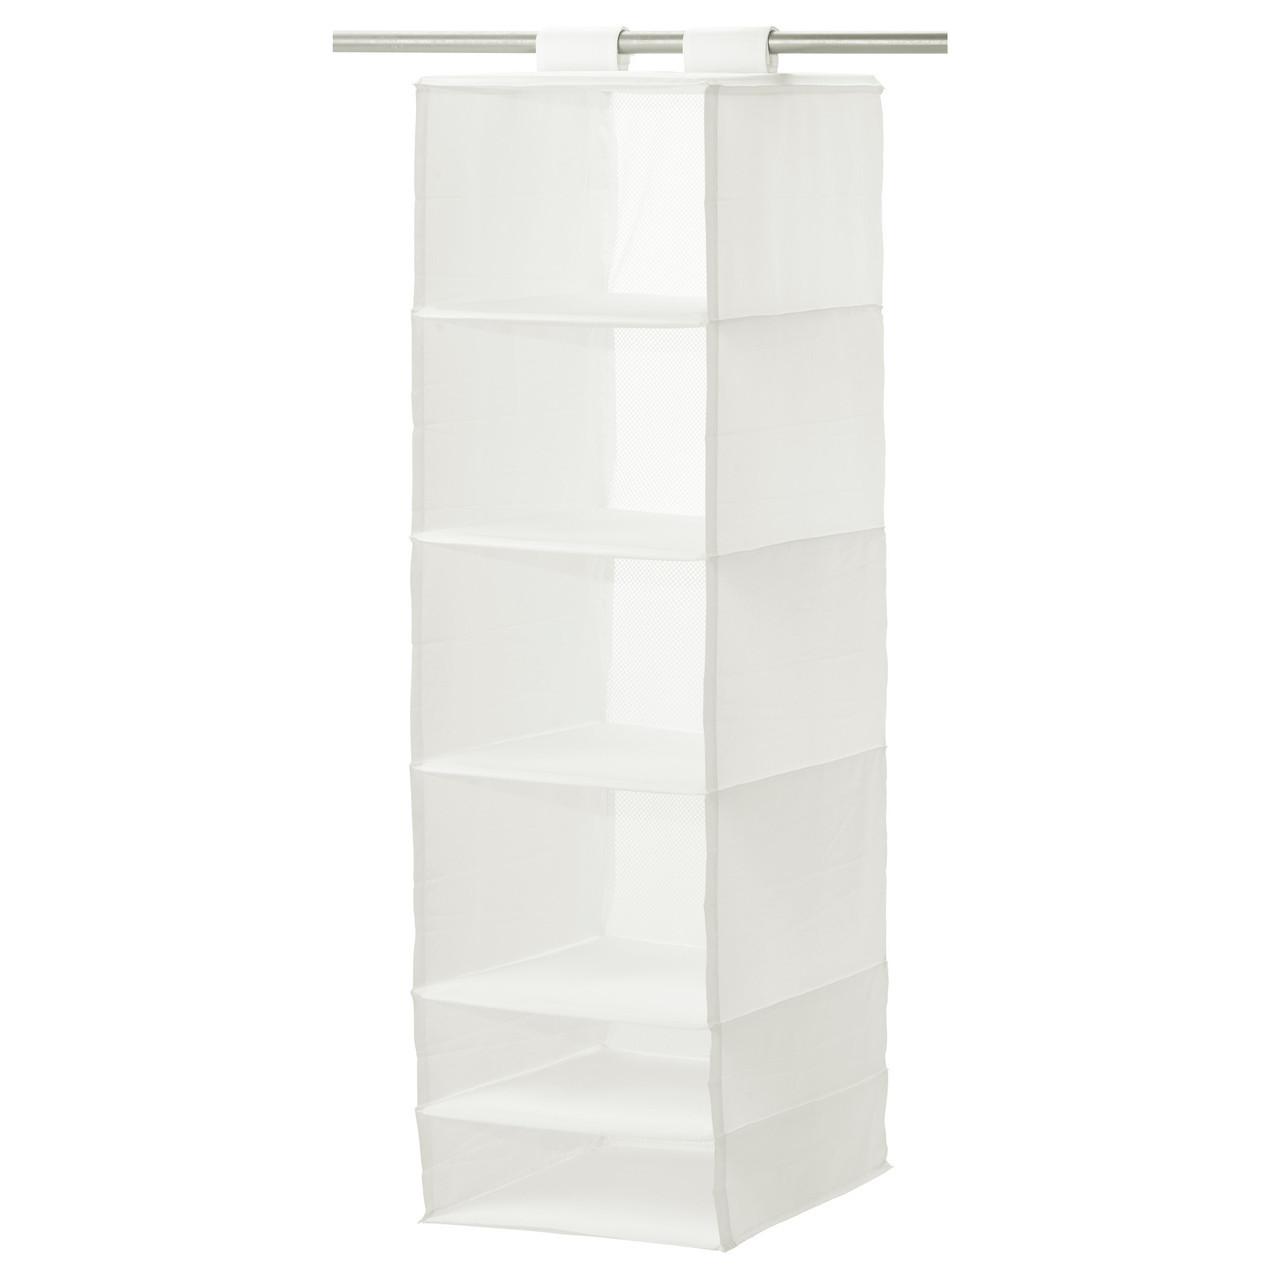 Модуль для хранения на 6 отсеков SKUBB, белая, IKEA, 002.458.80